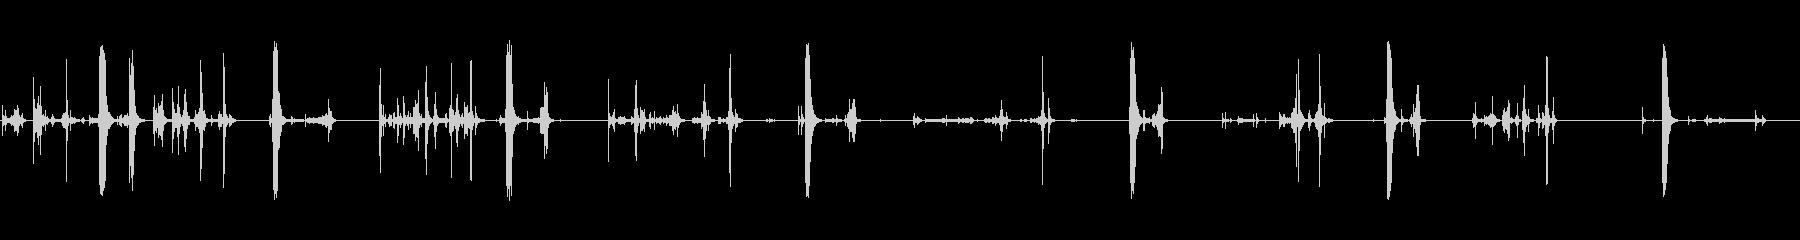 1980年代のIBM:フロッピーデ...の未再生の波形